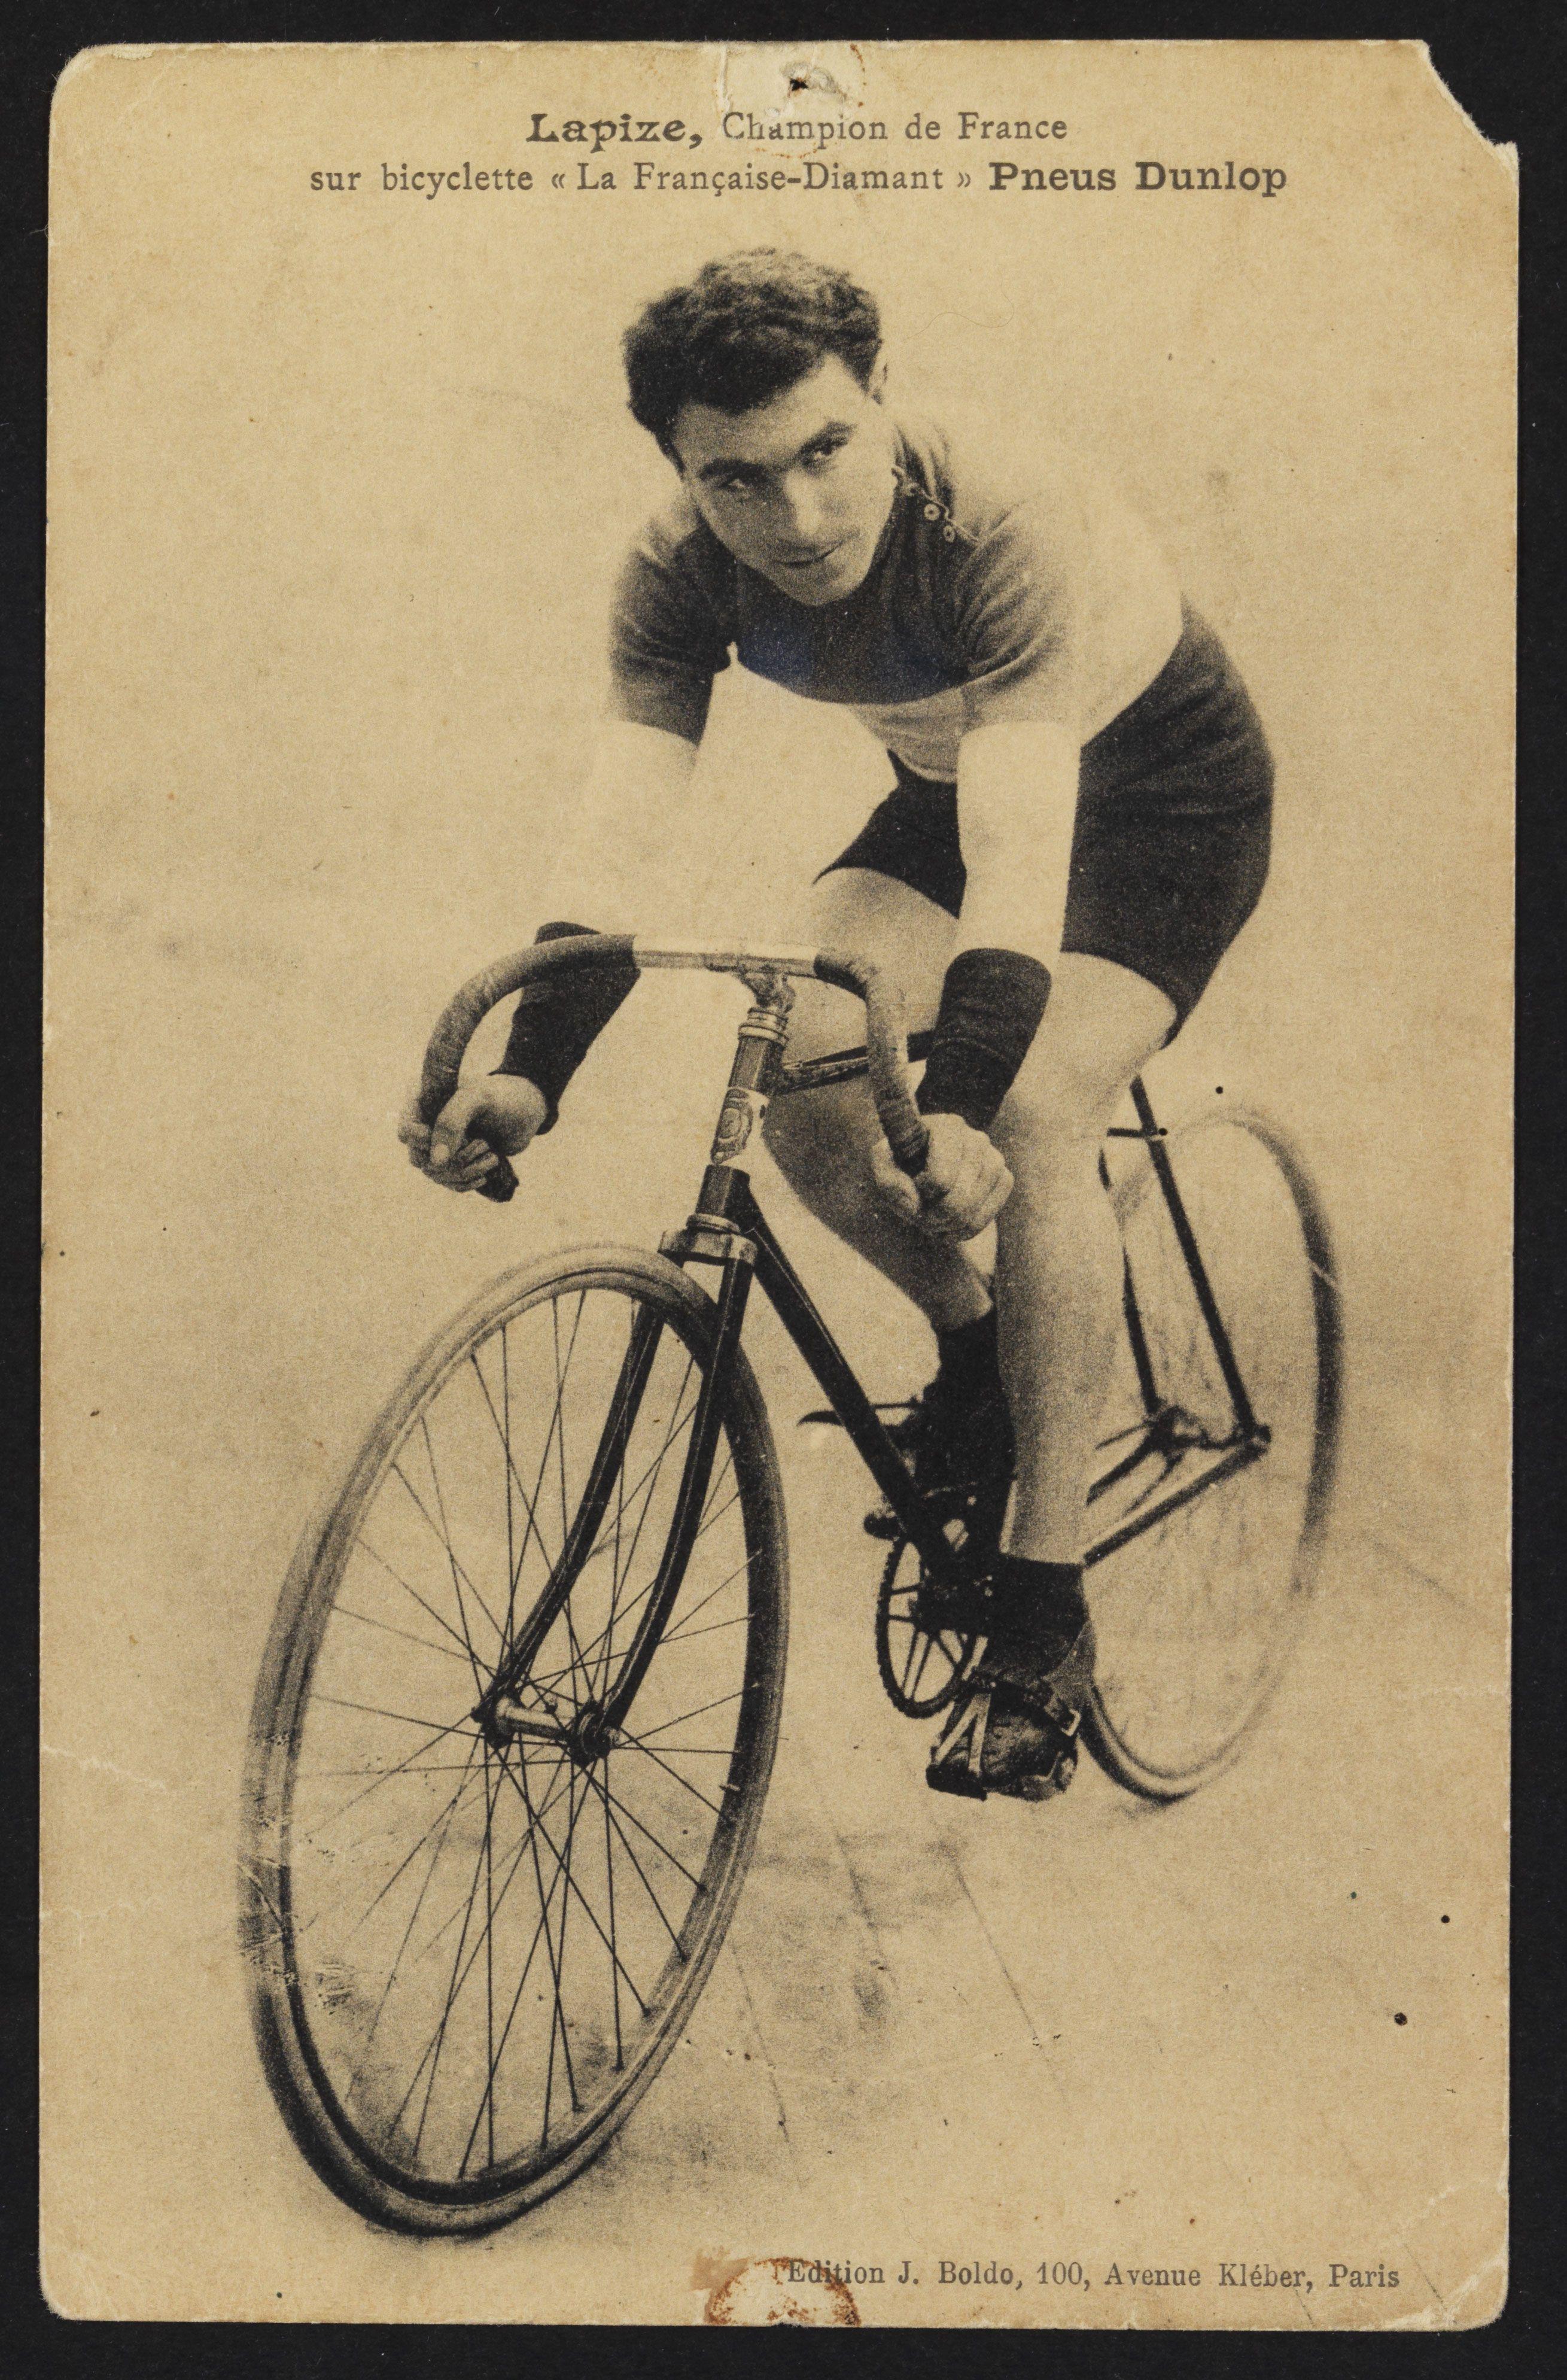 Octave Lapize, champion de France sur bicylcette 'La